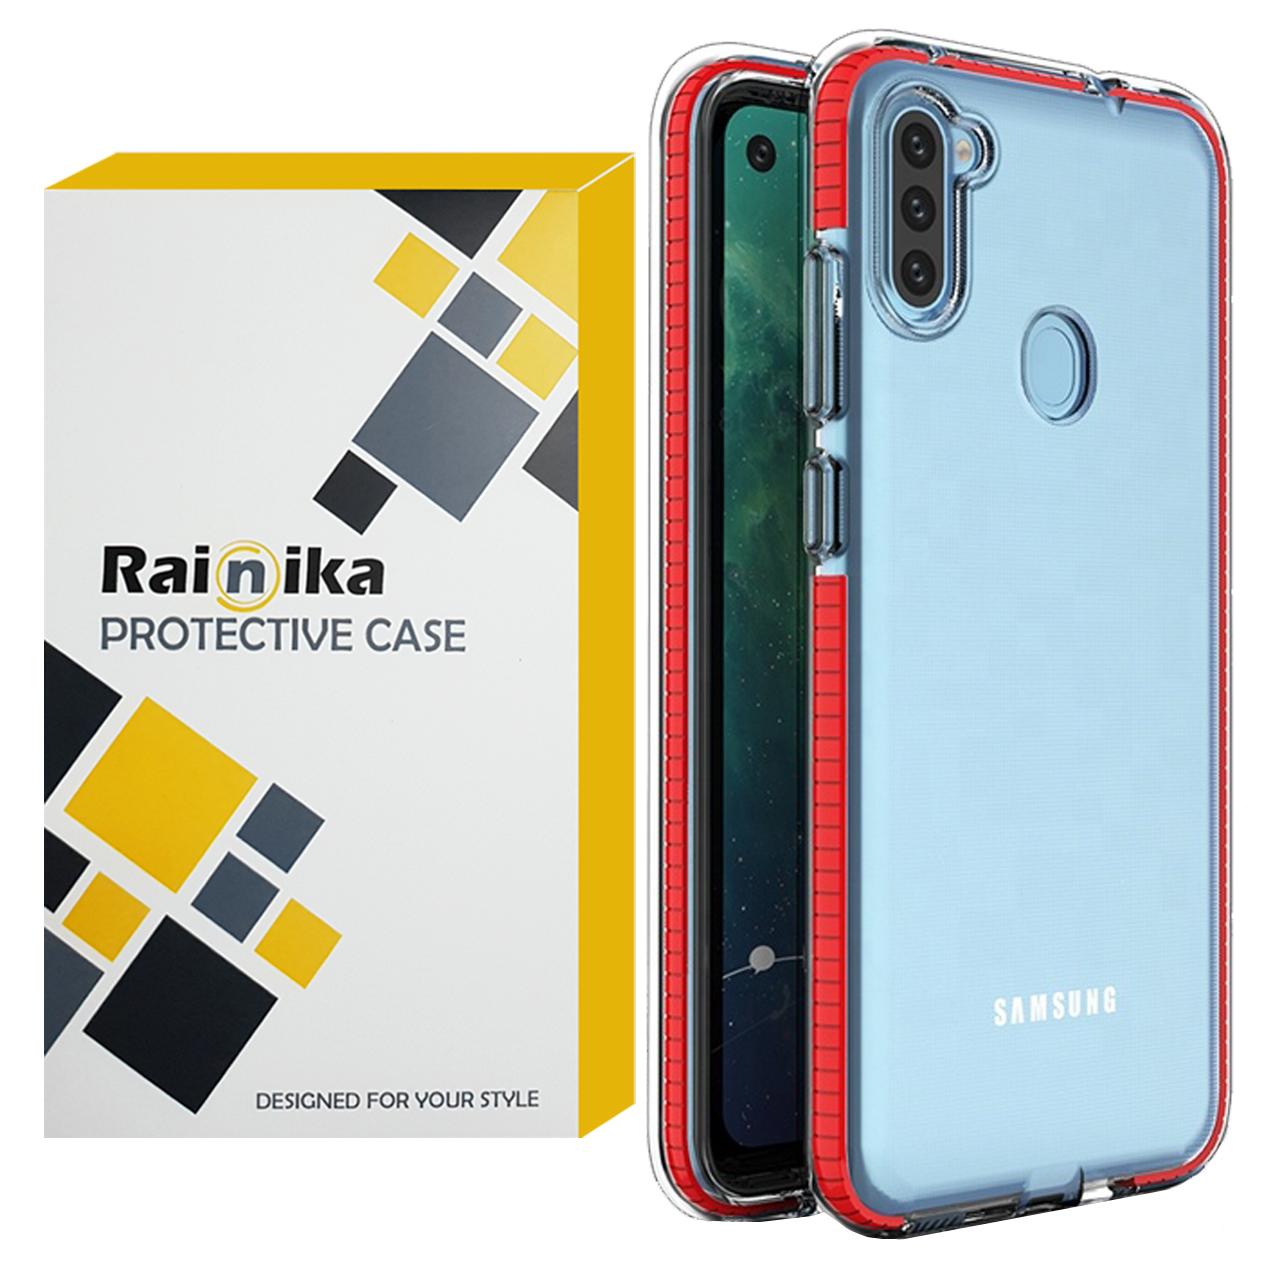 کاور رینیکا مدل Co111ers مناسب برای گوشی موبایل سامسونگ Galaxy A11